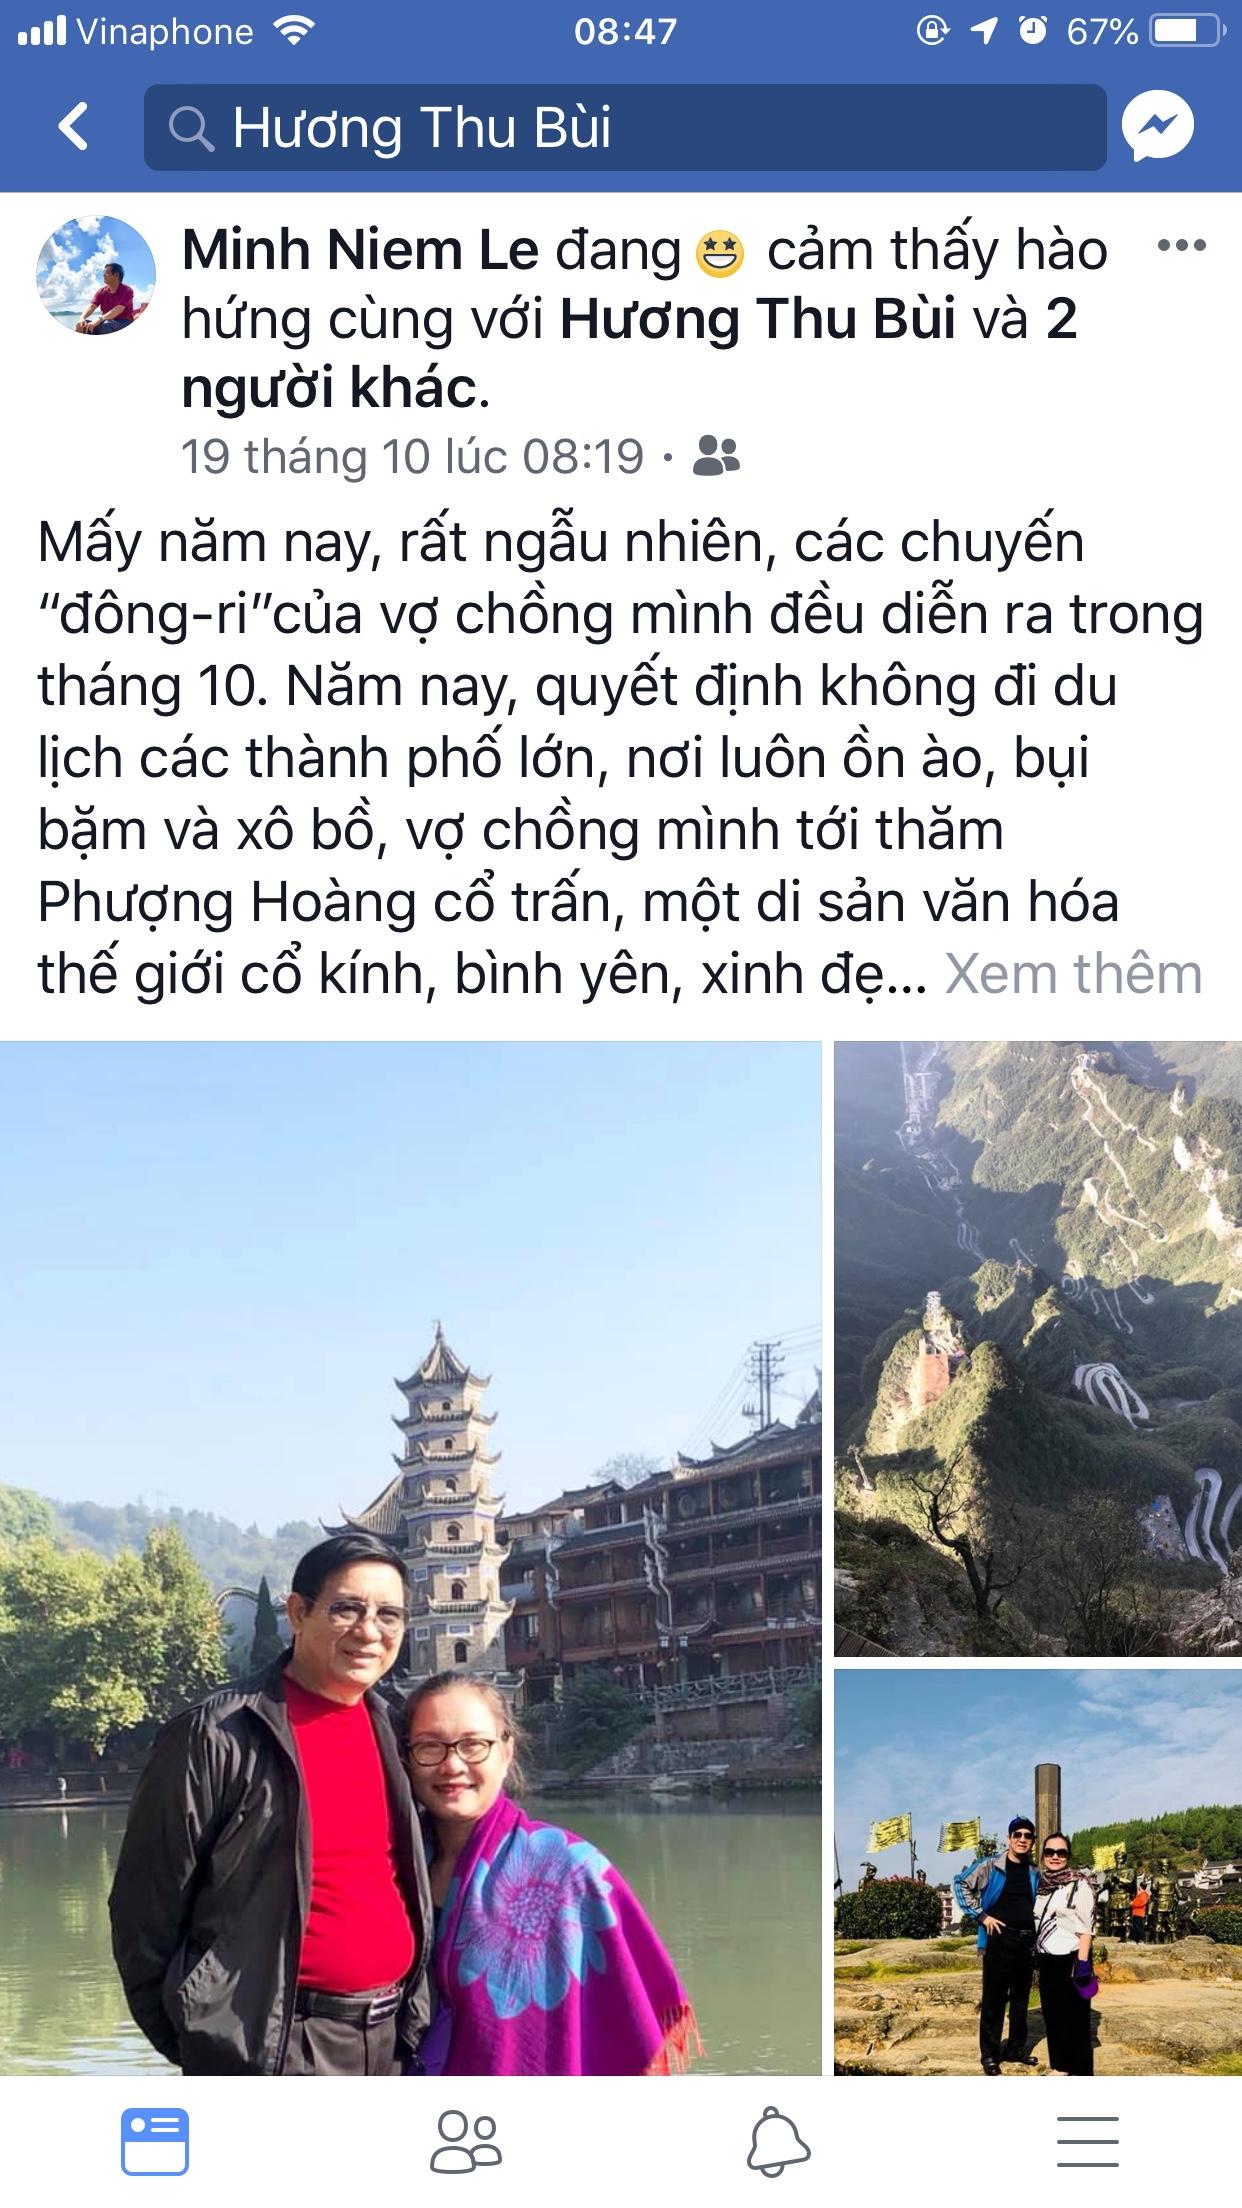 Hình ảnh khách hàng đi tour Phượng Hoàng Cổ Trấn Trương Gia Giới 17/10 tại Tiên Phong Travel